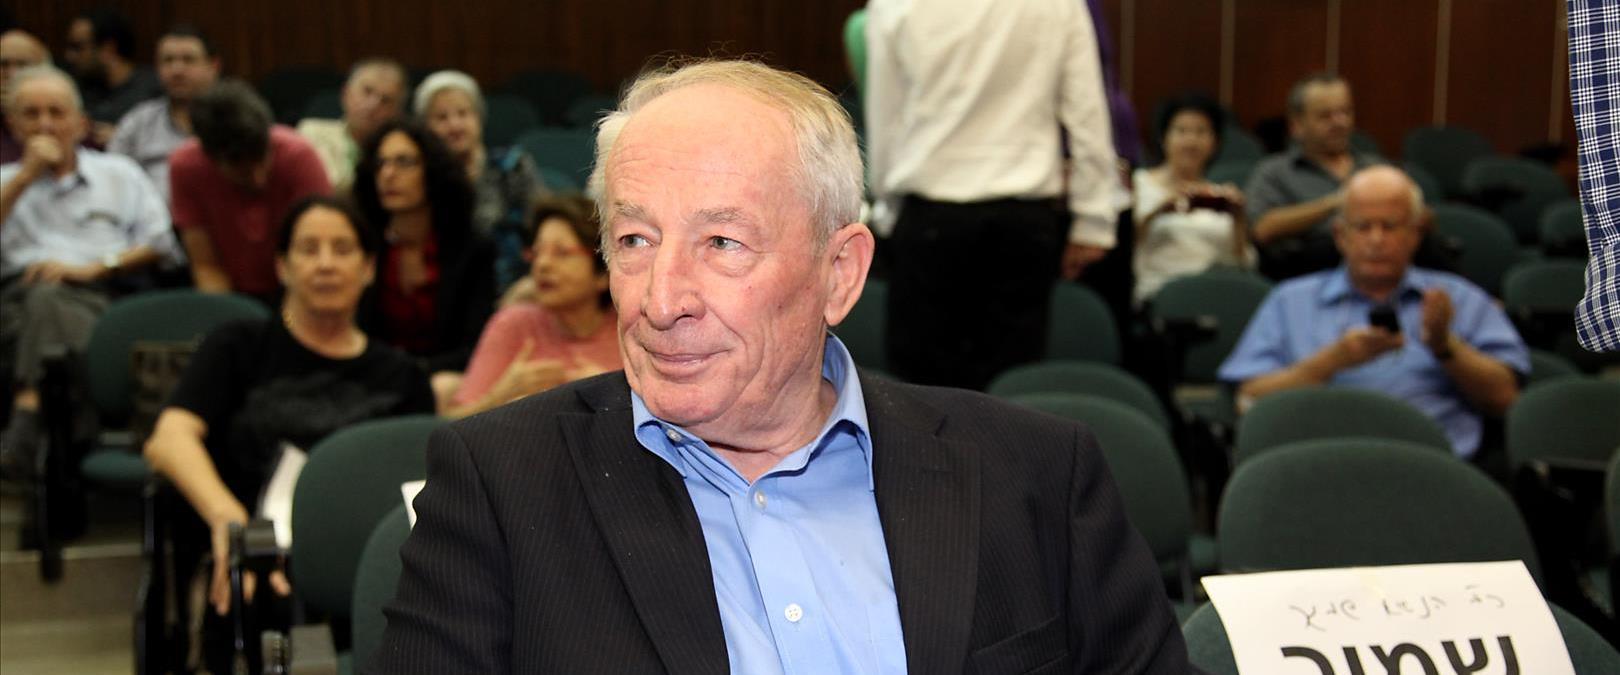 צילום: גדעון מרקוביץ', פלאש 90